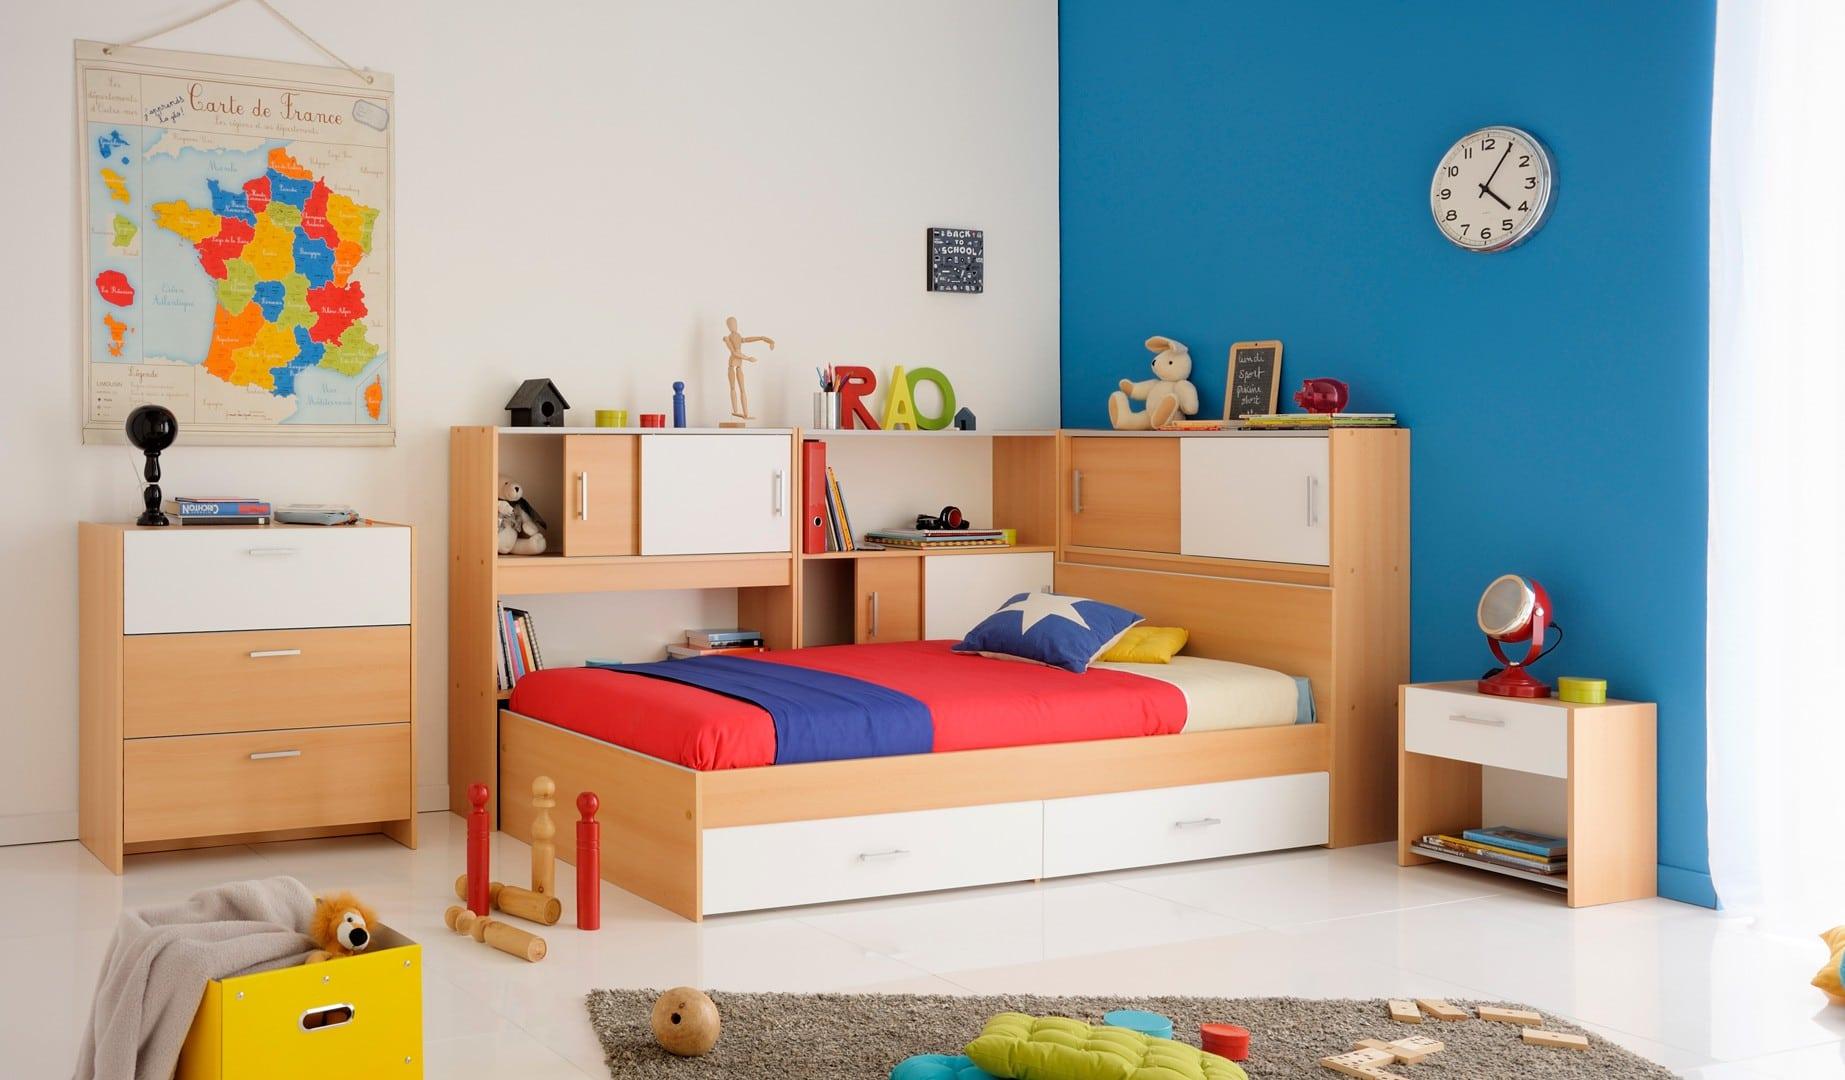 une chambre enfant compl te pour bien d buter la rentr e des classes le blog matelpro. Black Bedroom Furniture Sets. Home Design Ideas